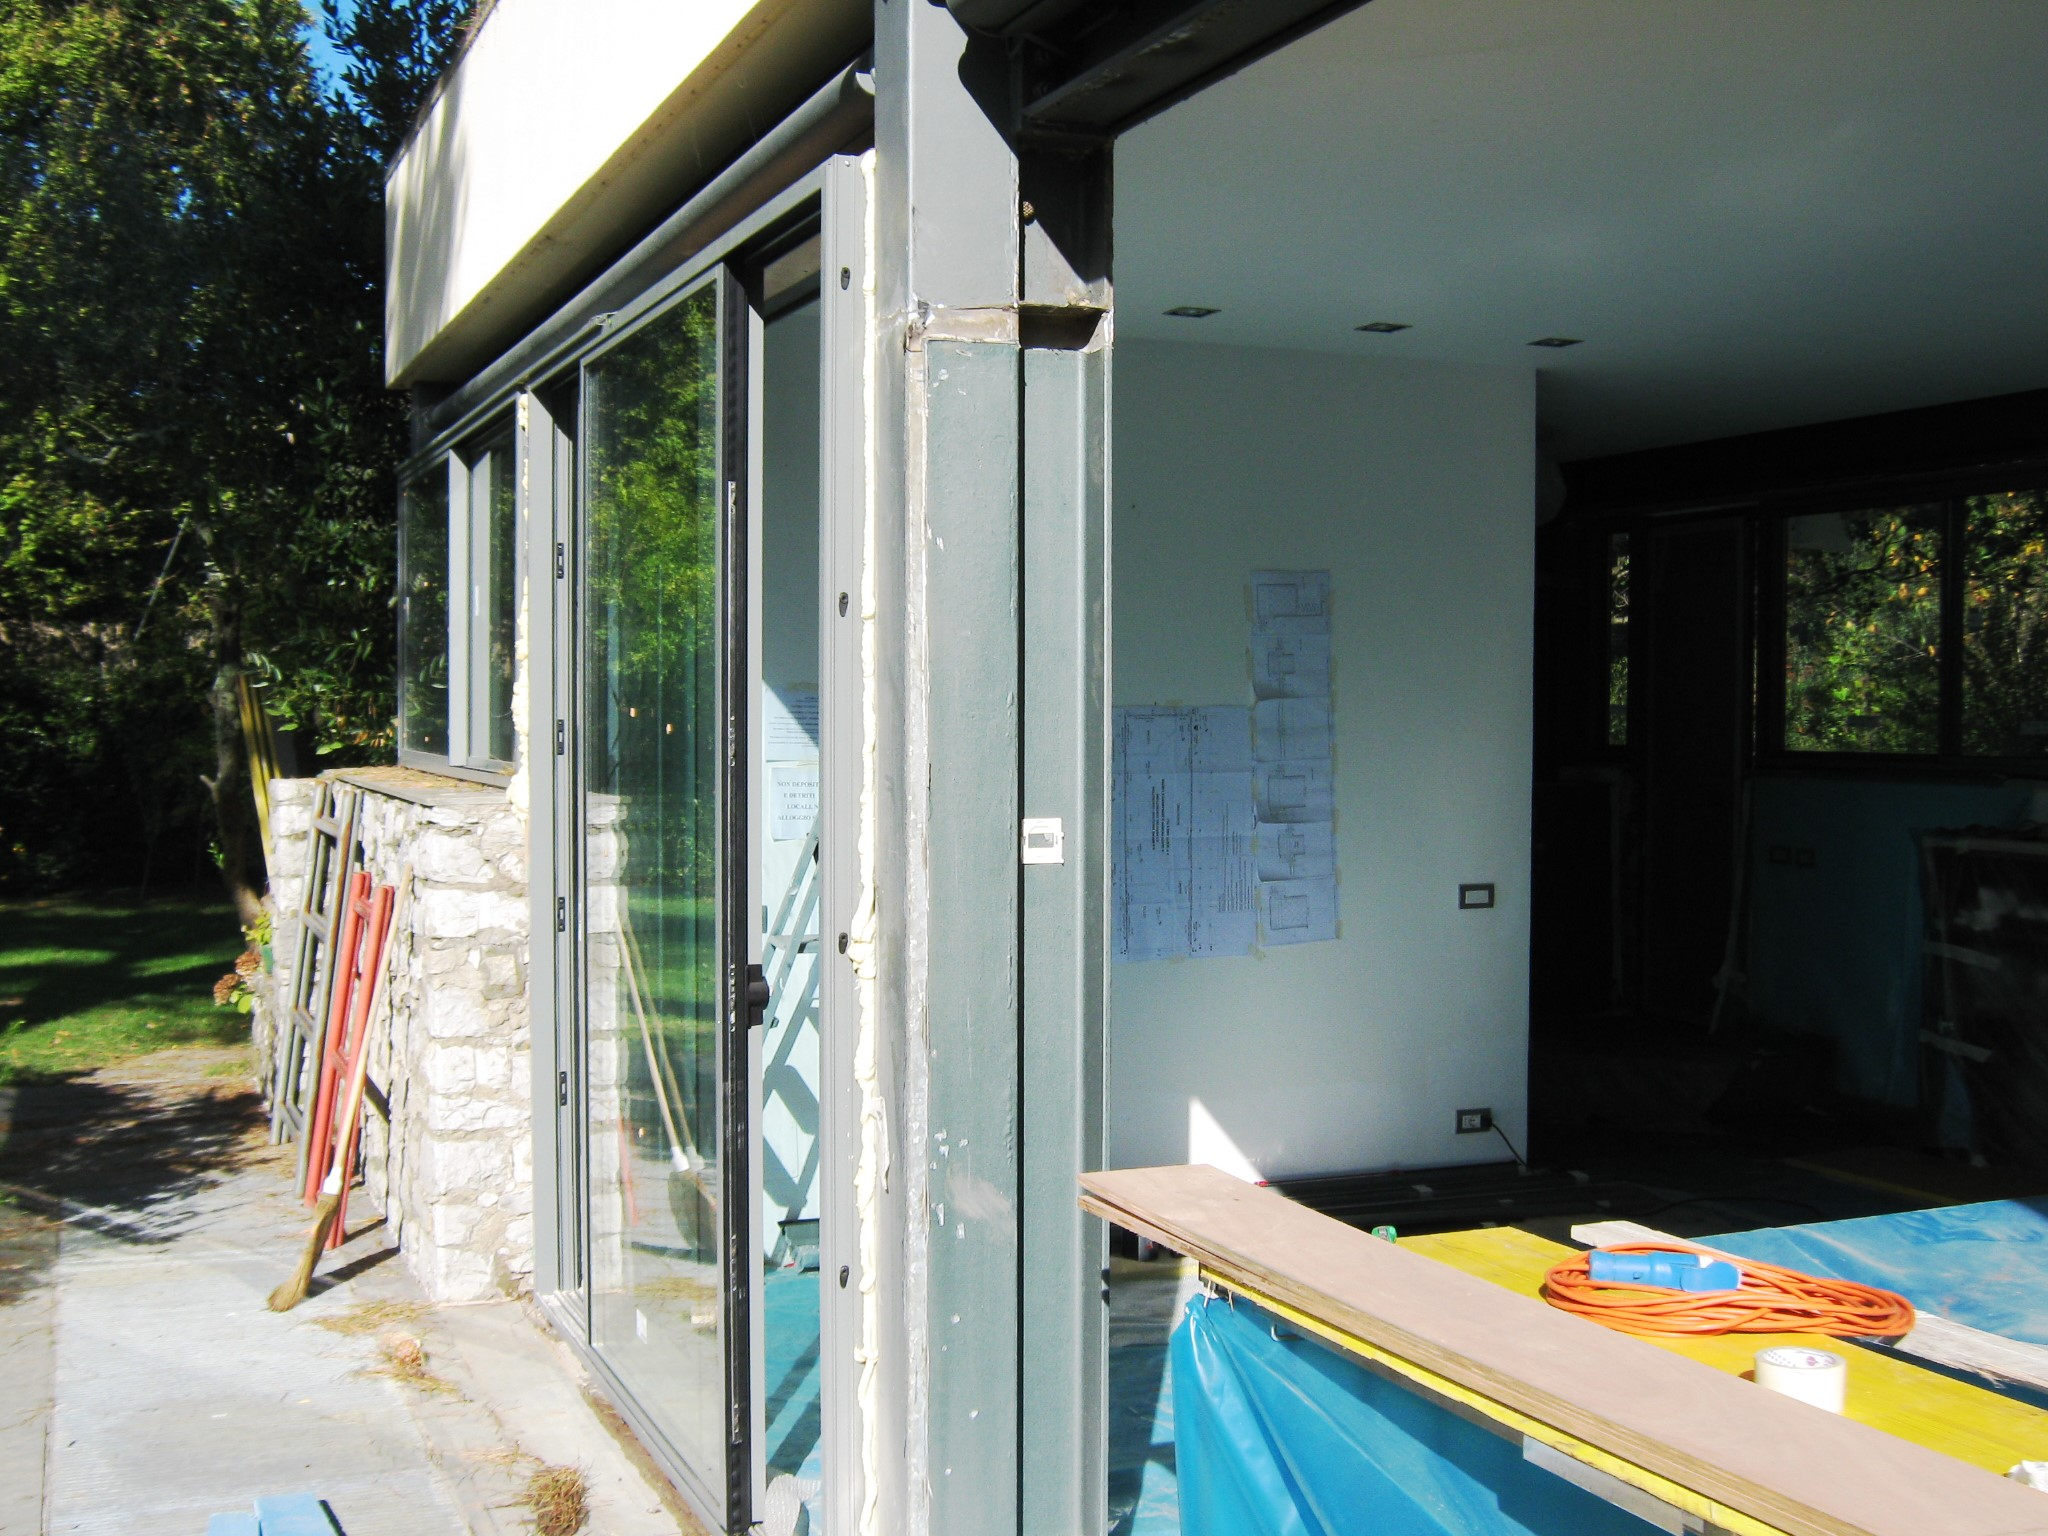 3. Installazione di porte finestre ad ante scorrevoli: lavori in corso.